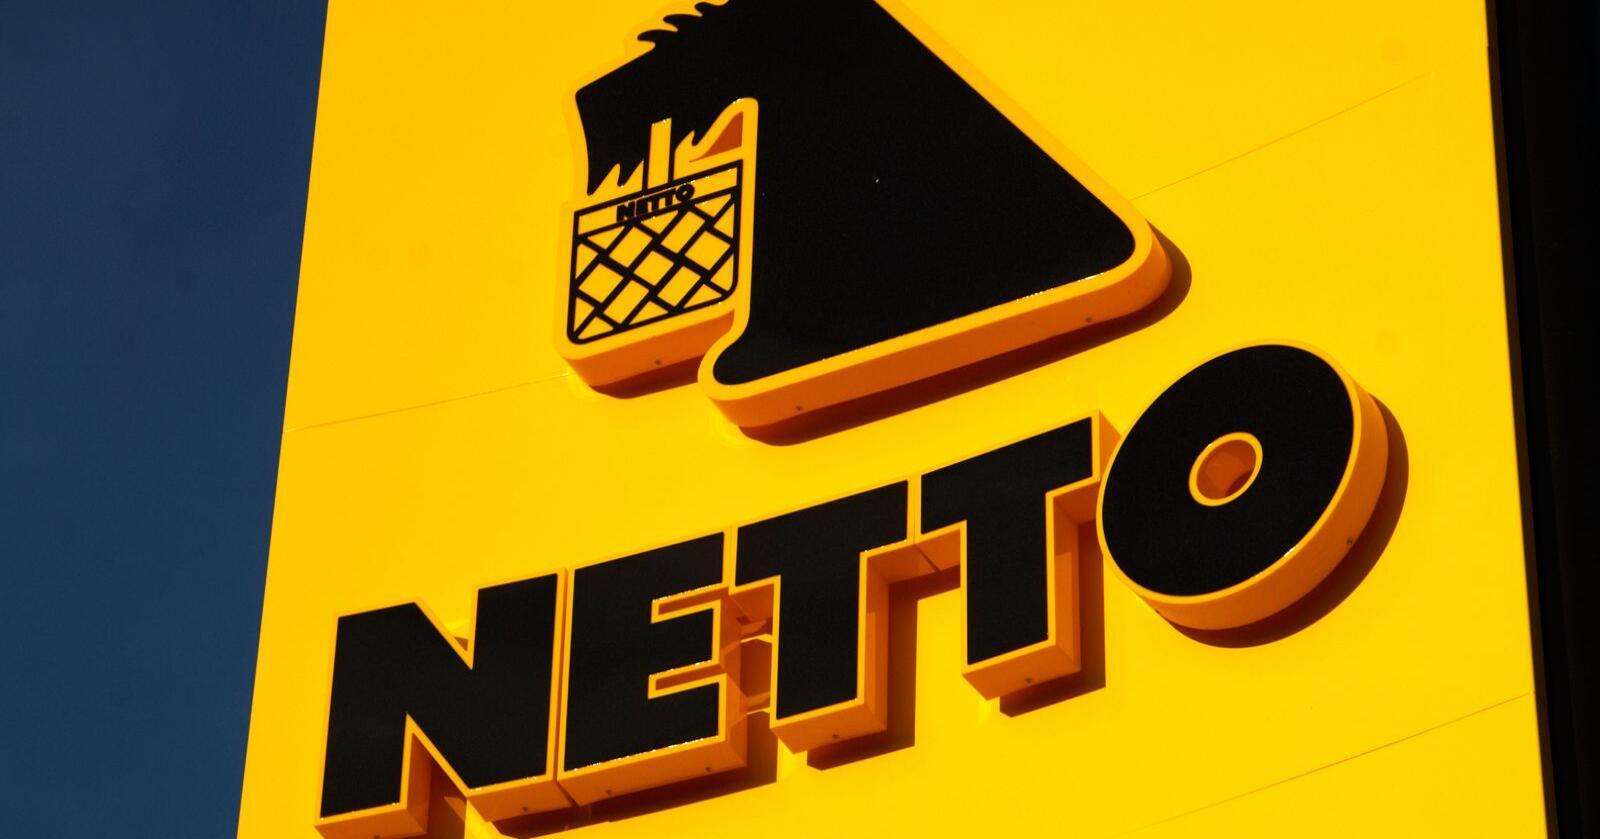 Netto er en av dagligvarekjedene i dagligvarekonsernet Salling-gruppen. Foto: Roland Magnusson/Mostphotos